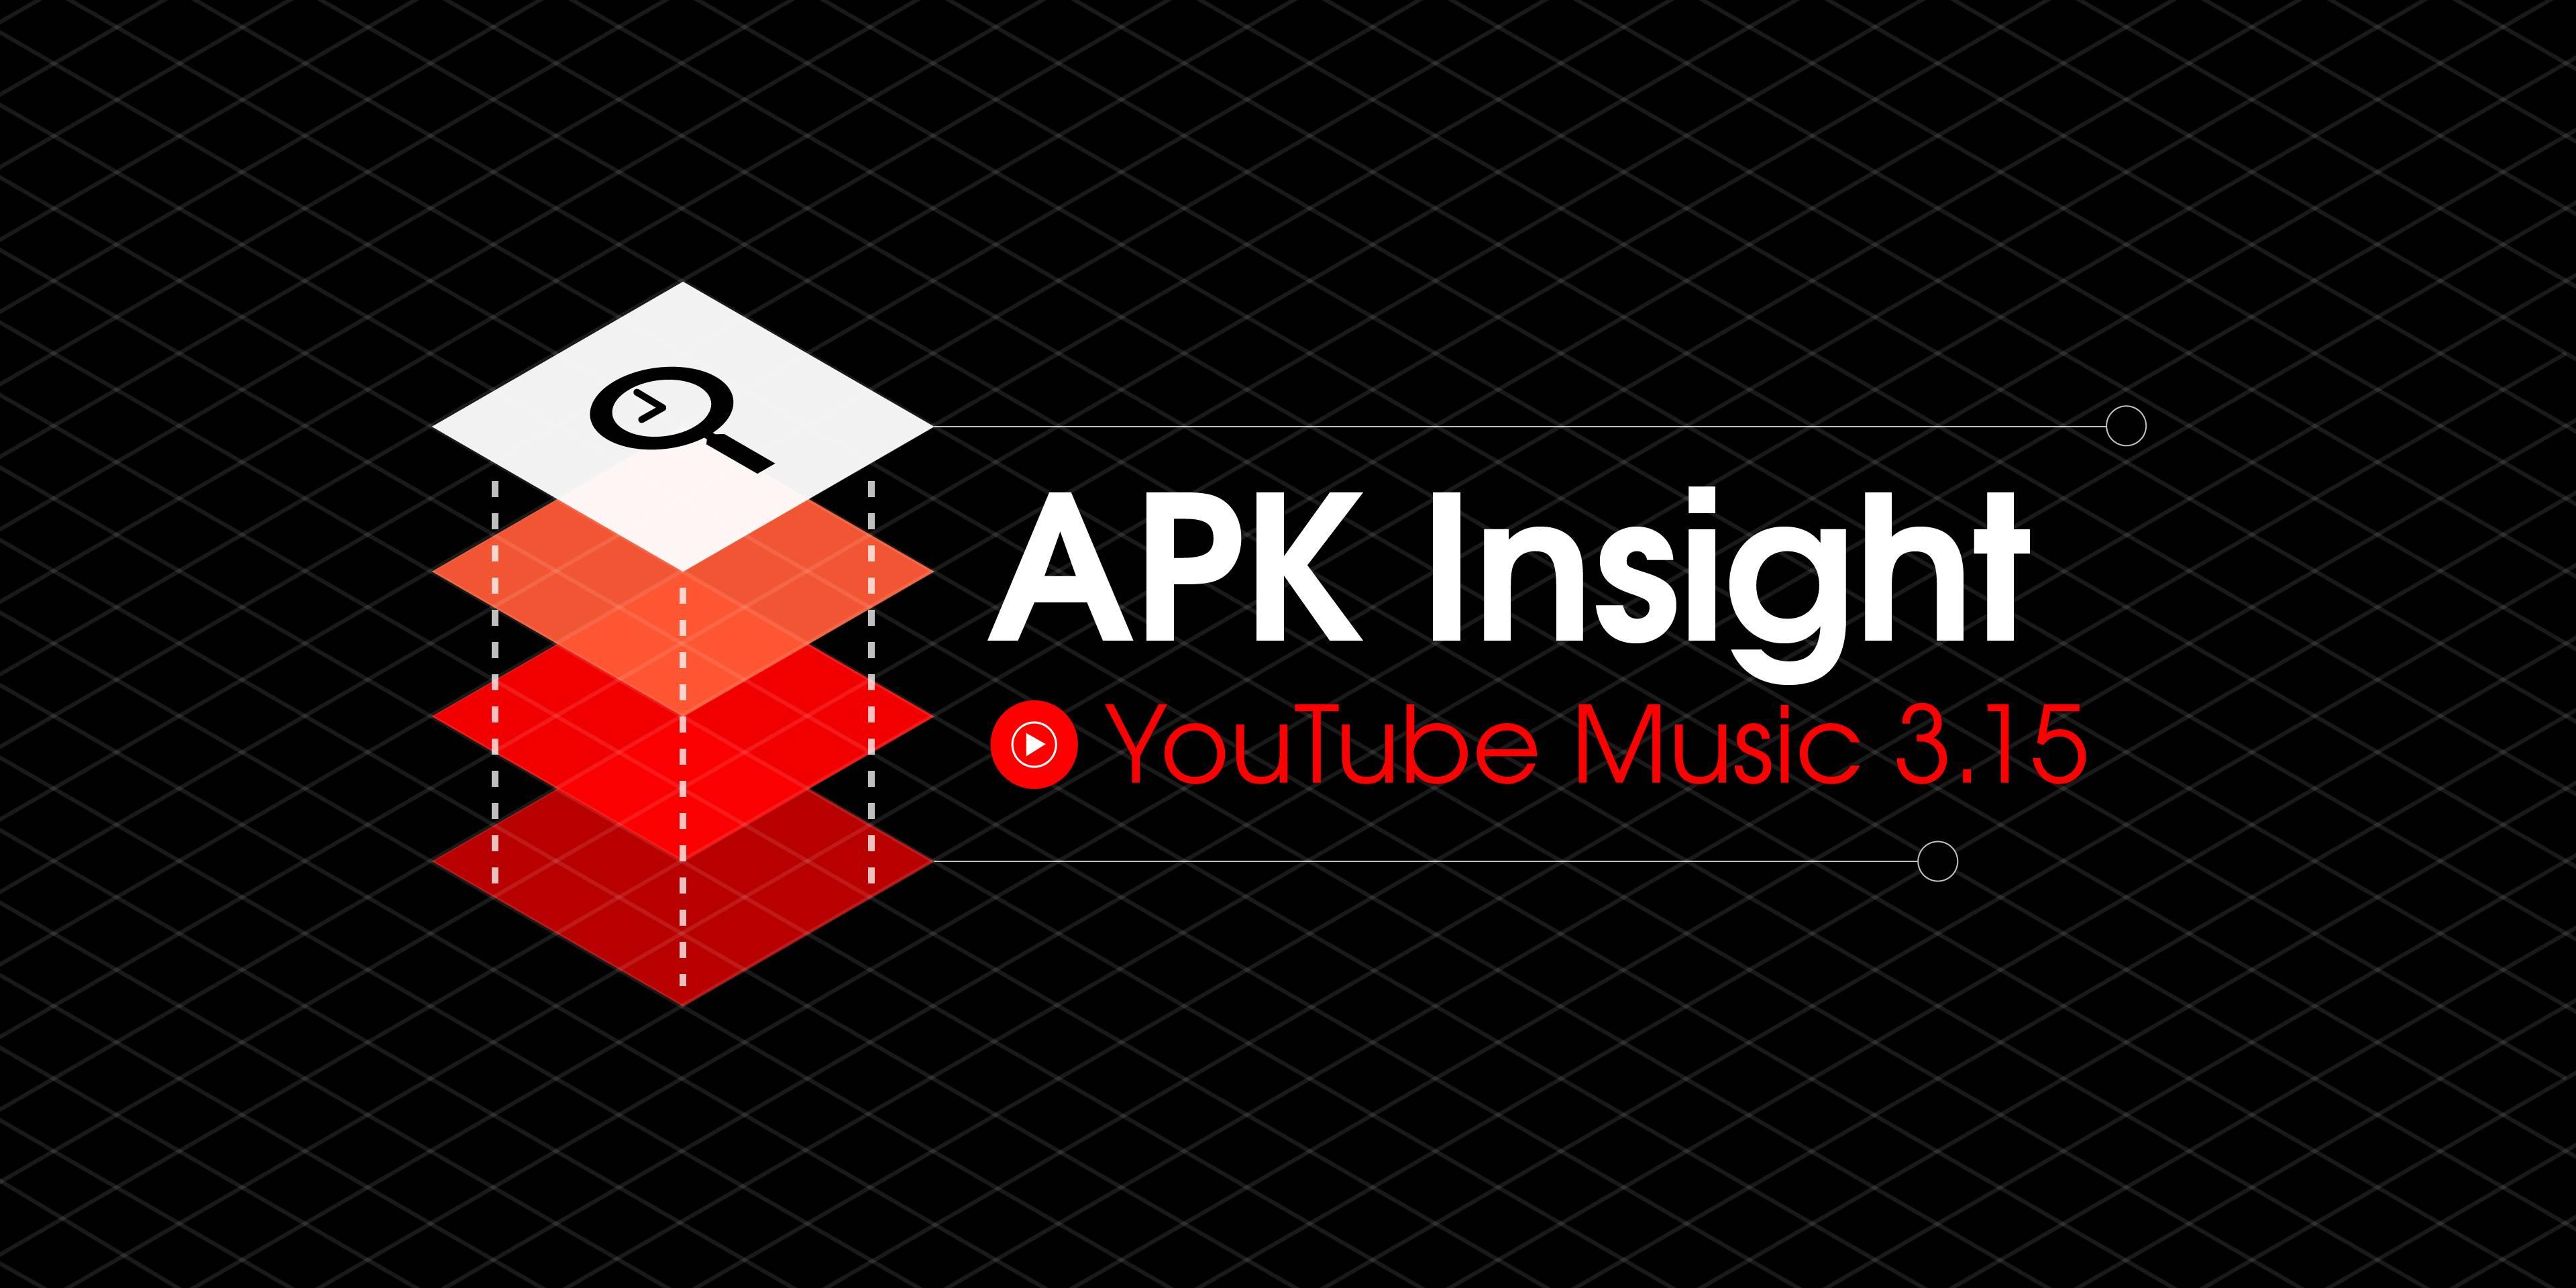 YouTube Music 3.15 fügt ein vollständiges, anpassungsfähiges Symbol von Rand zu Rand hinzu [APK Insight]